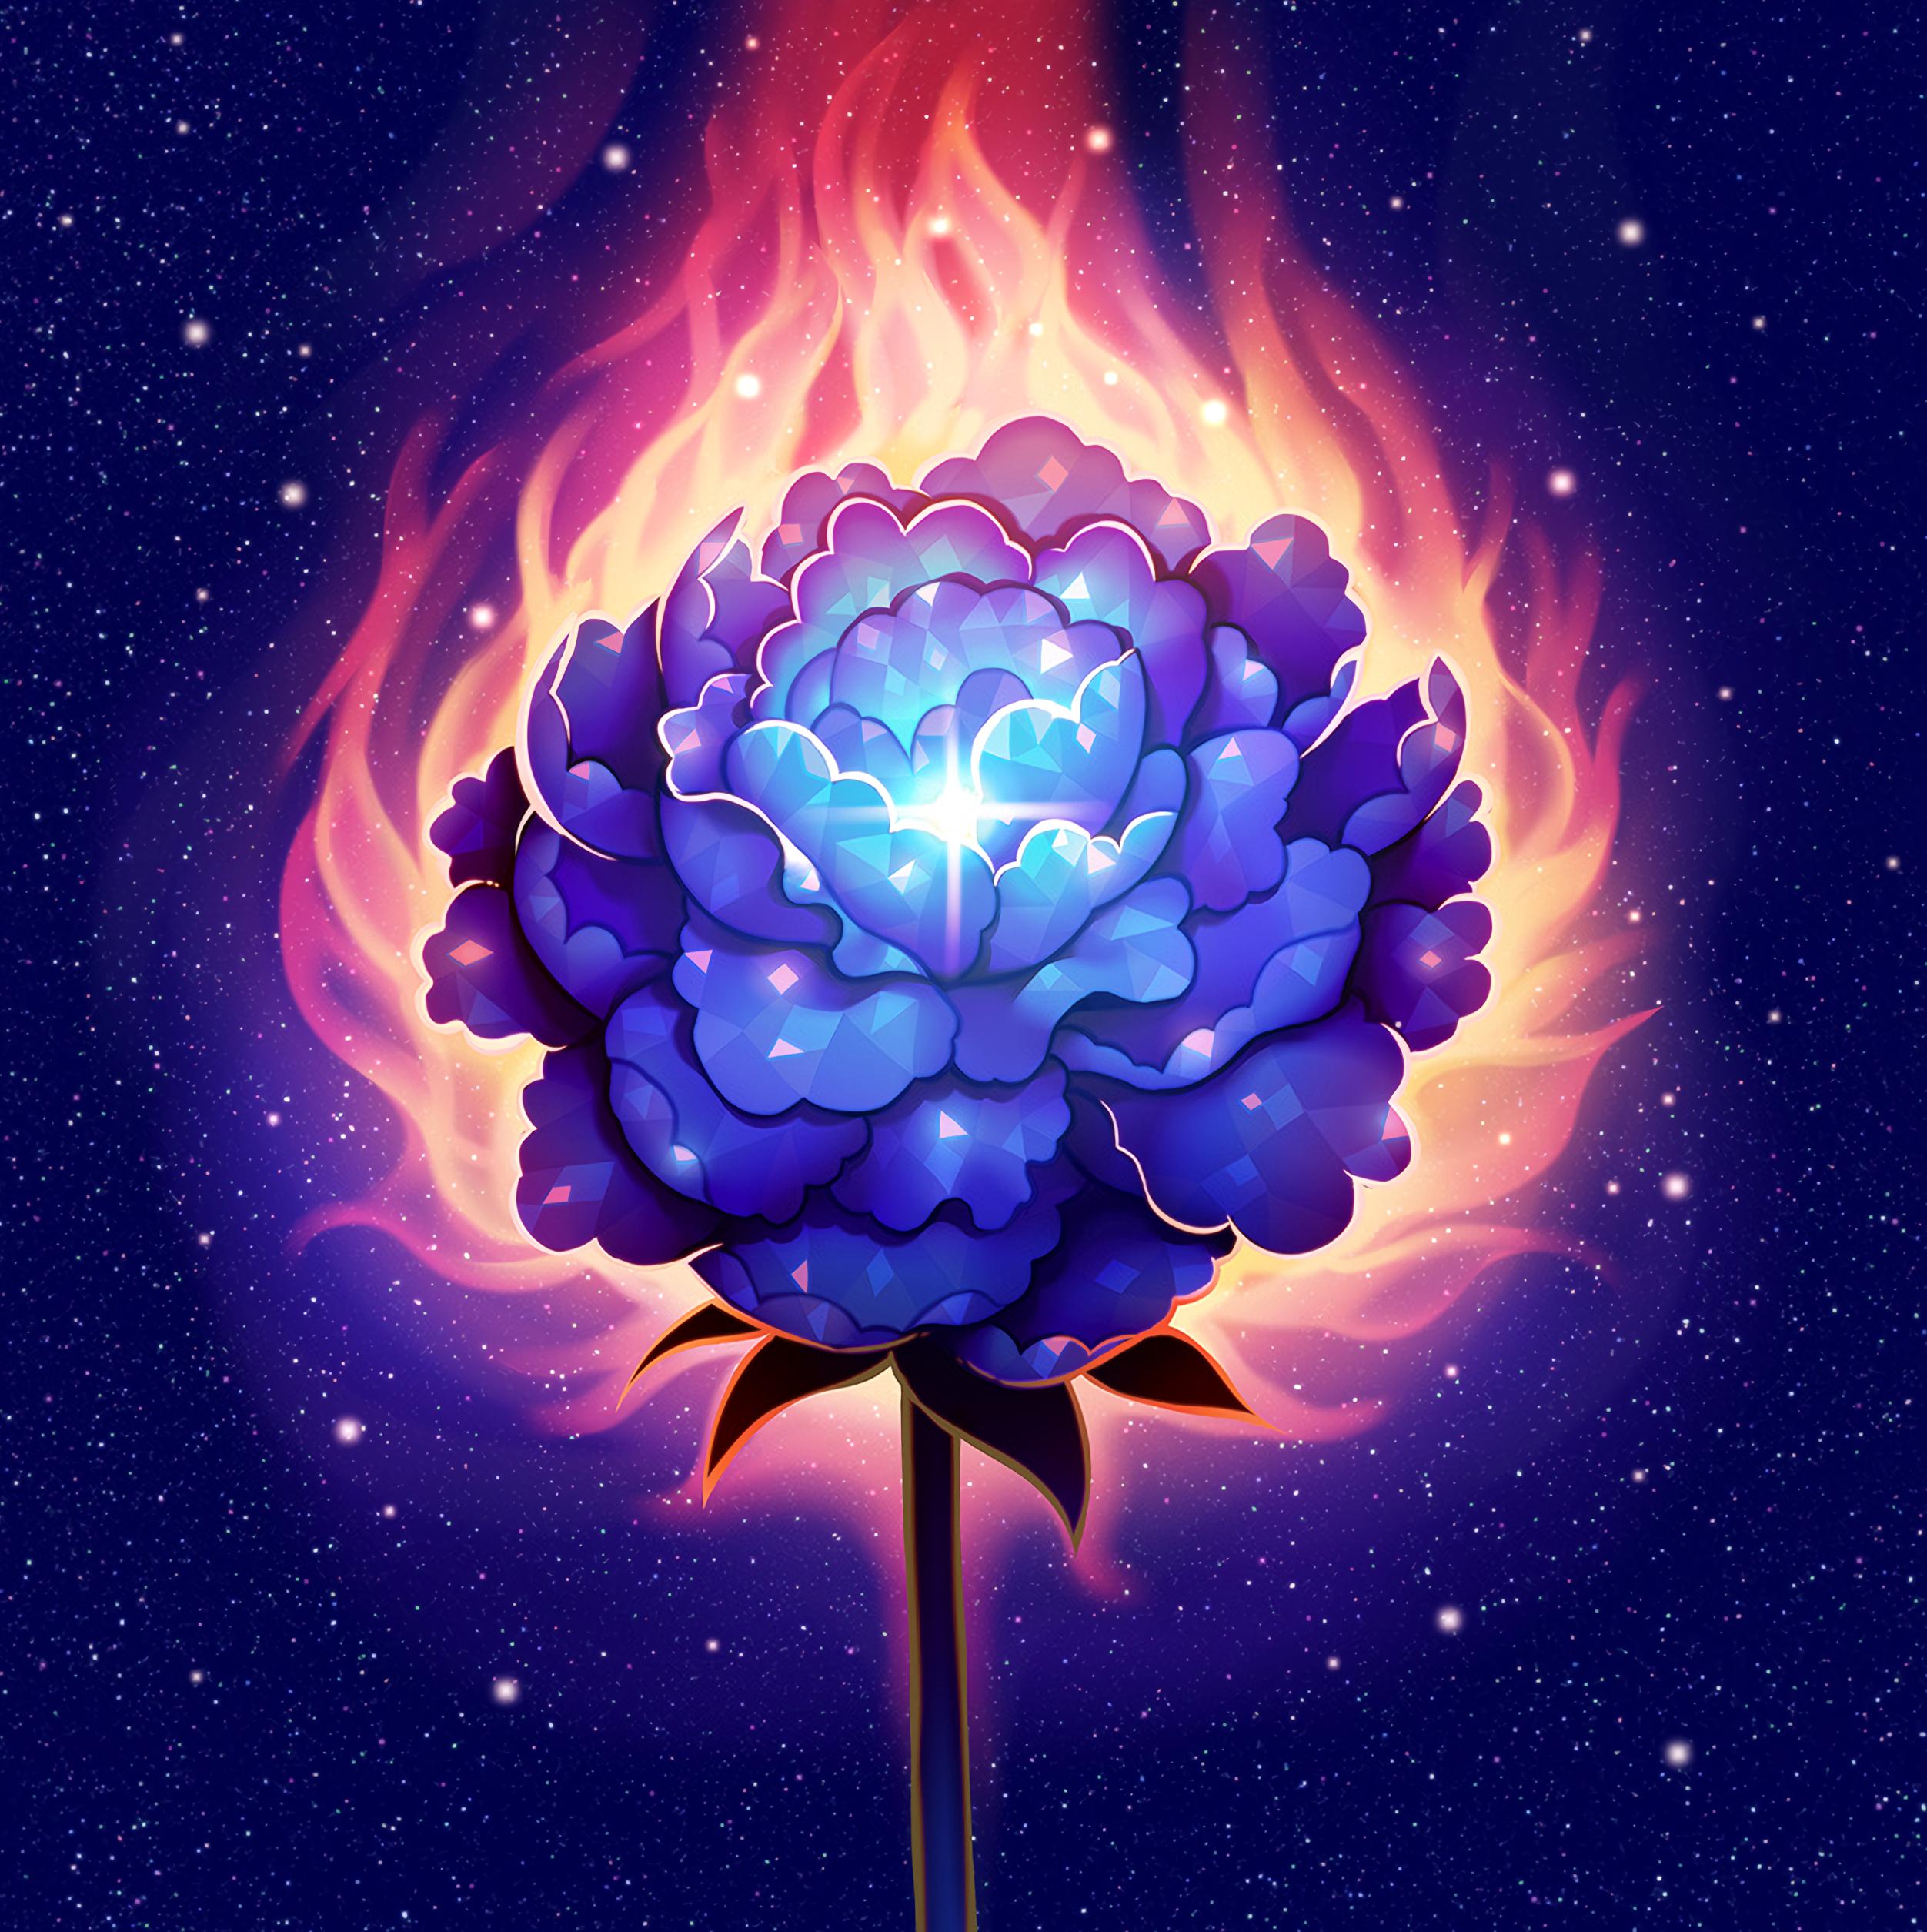 131161 Заставки и Обои Огонь на телефон. Скачать Огонь, Арт, Сияние, Цветок, Блики картинки бесплатно